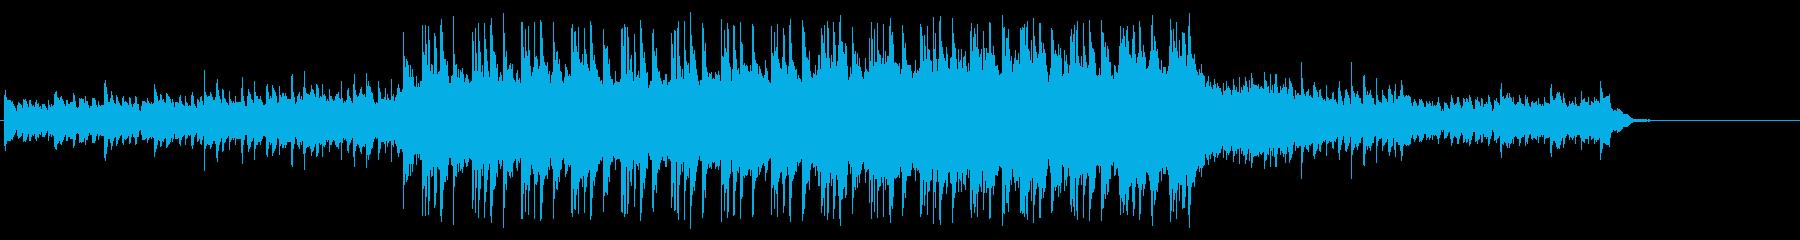 せせらぎをスローな映像で見せる科学の環境の再生済みの波形